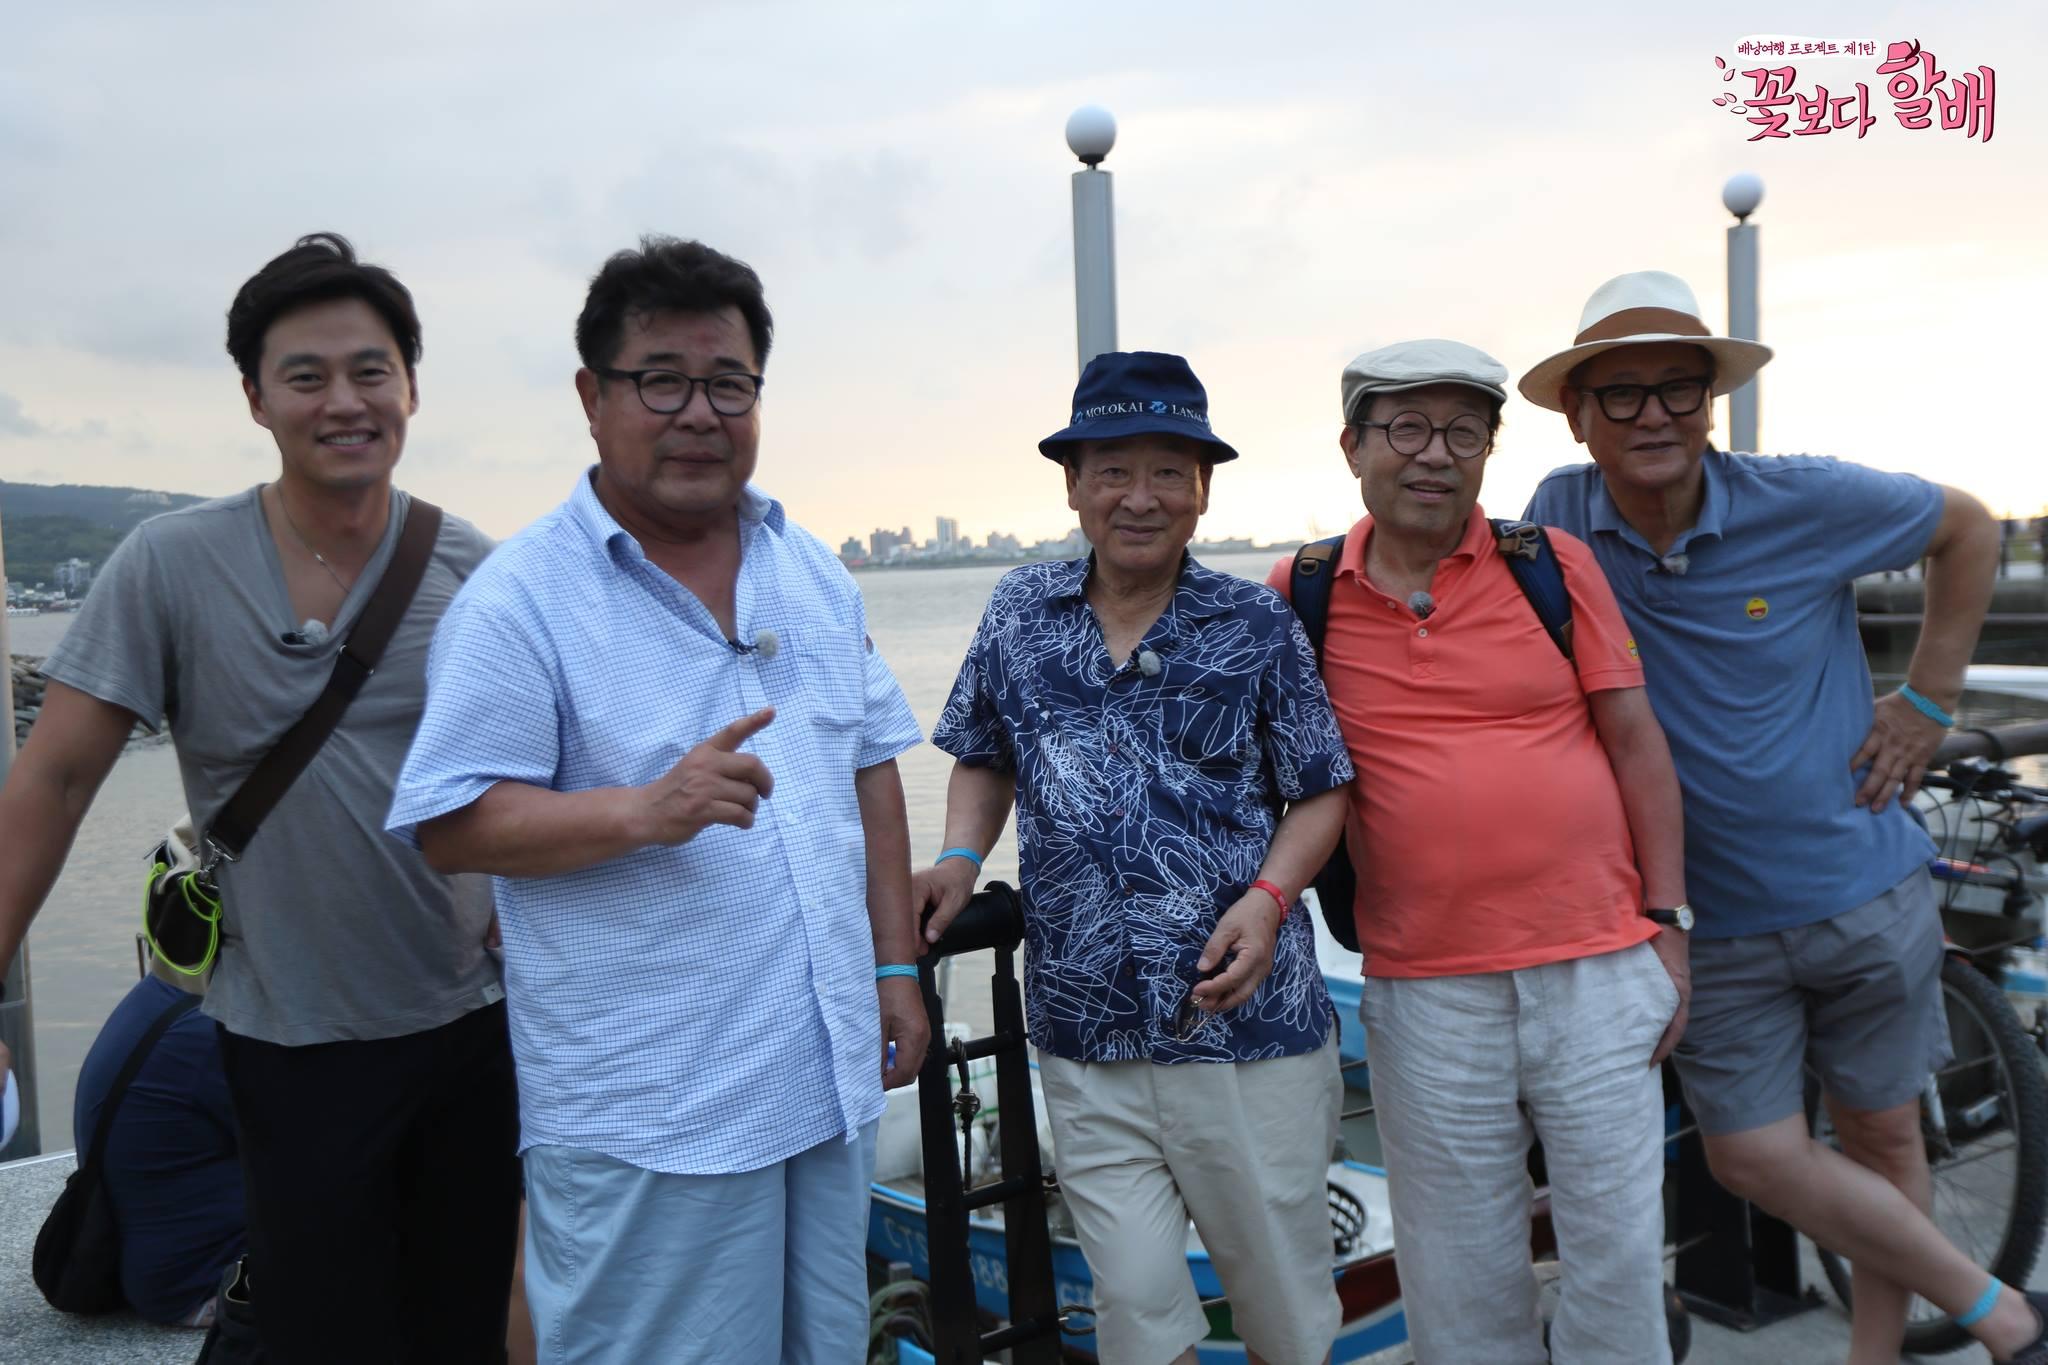 尤其在《花樣爺爺 - 台灣篇》播出後,讓更多韓國人認識台灣、來台灣旅遊。